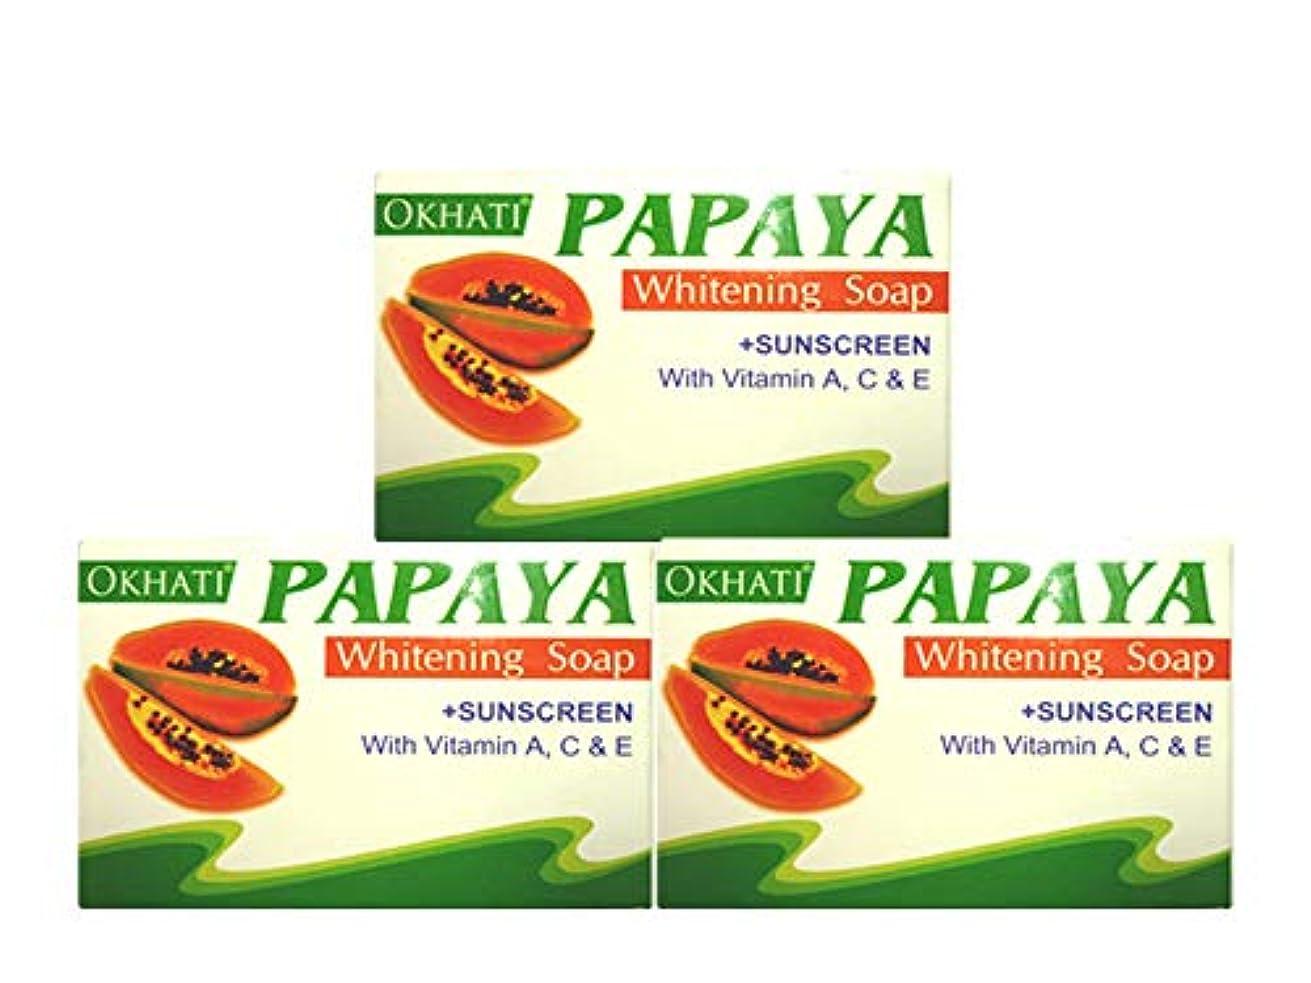 合併スキーム複雑なオカティ パパイヤ ソープ 135g*3Set AYURVEDEC OKHATI PAPAYA Whitening Soap/NEPAL HIMALAYA SOAP ヒマラヤ石鹸